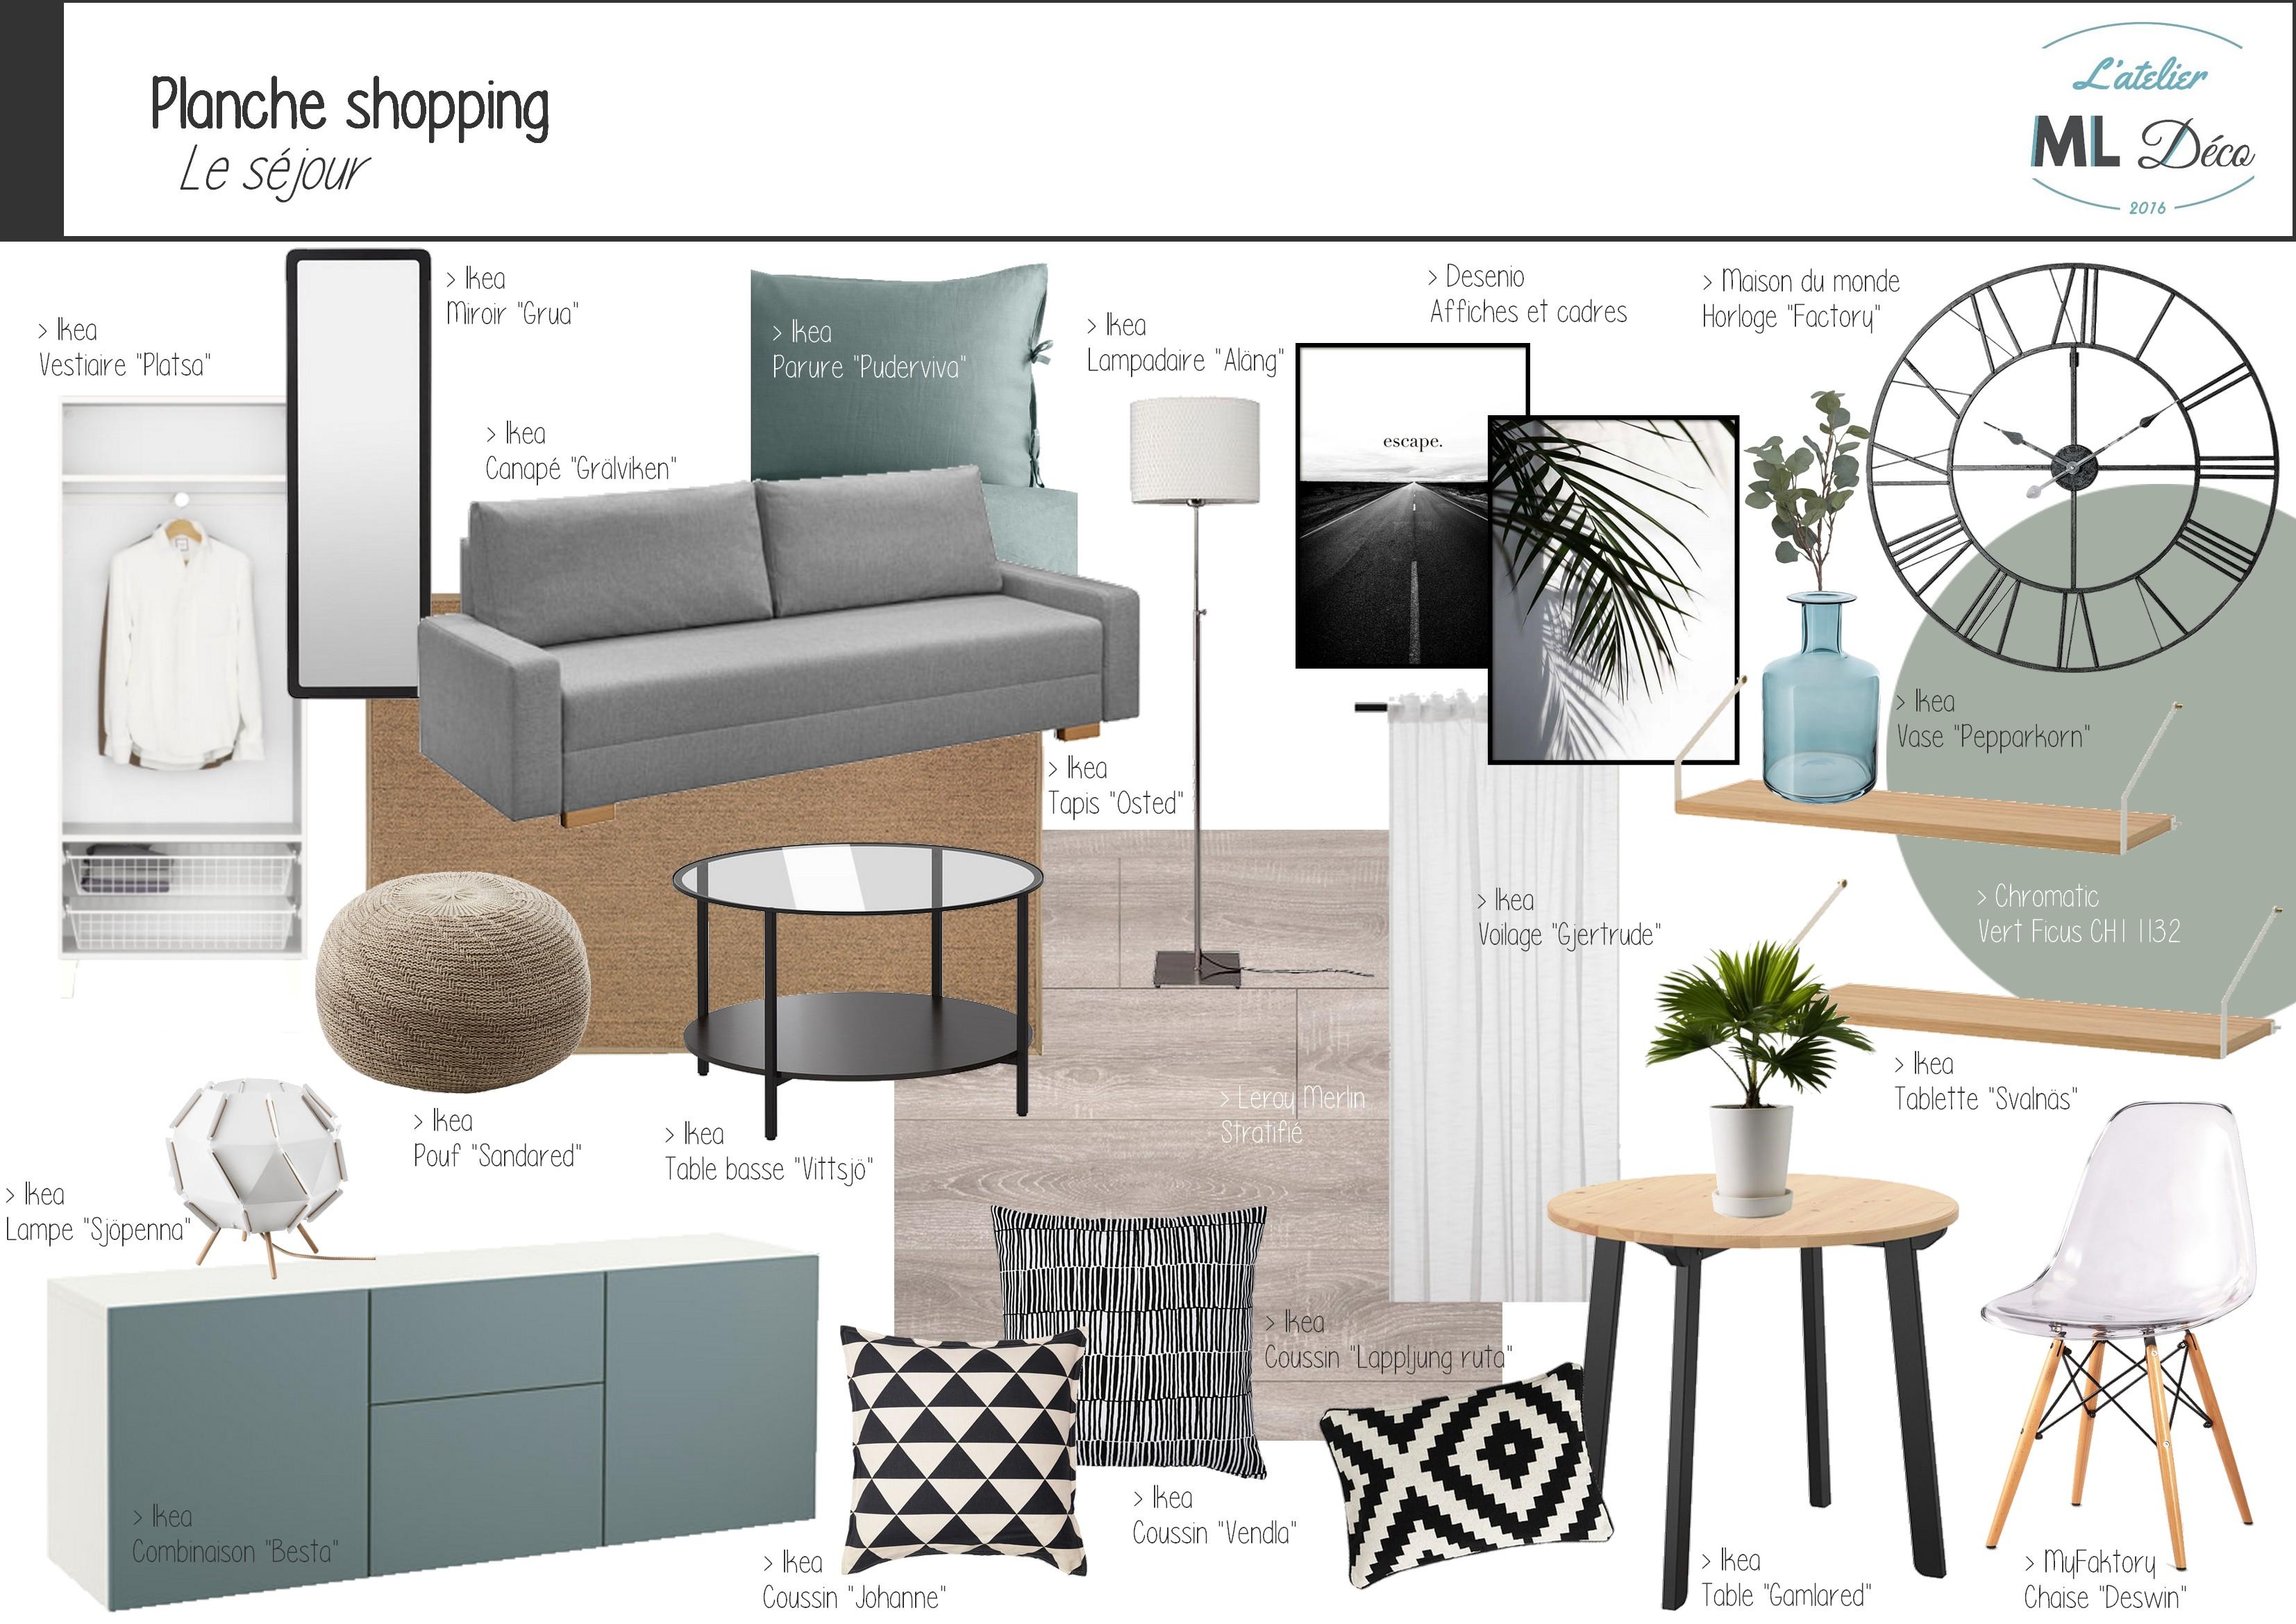 Planche shopping - Le séjour.jpg